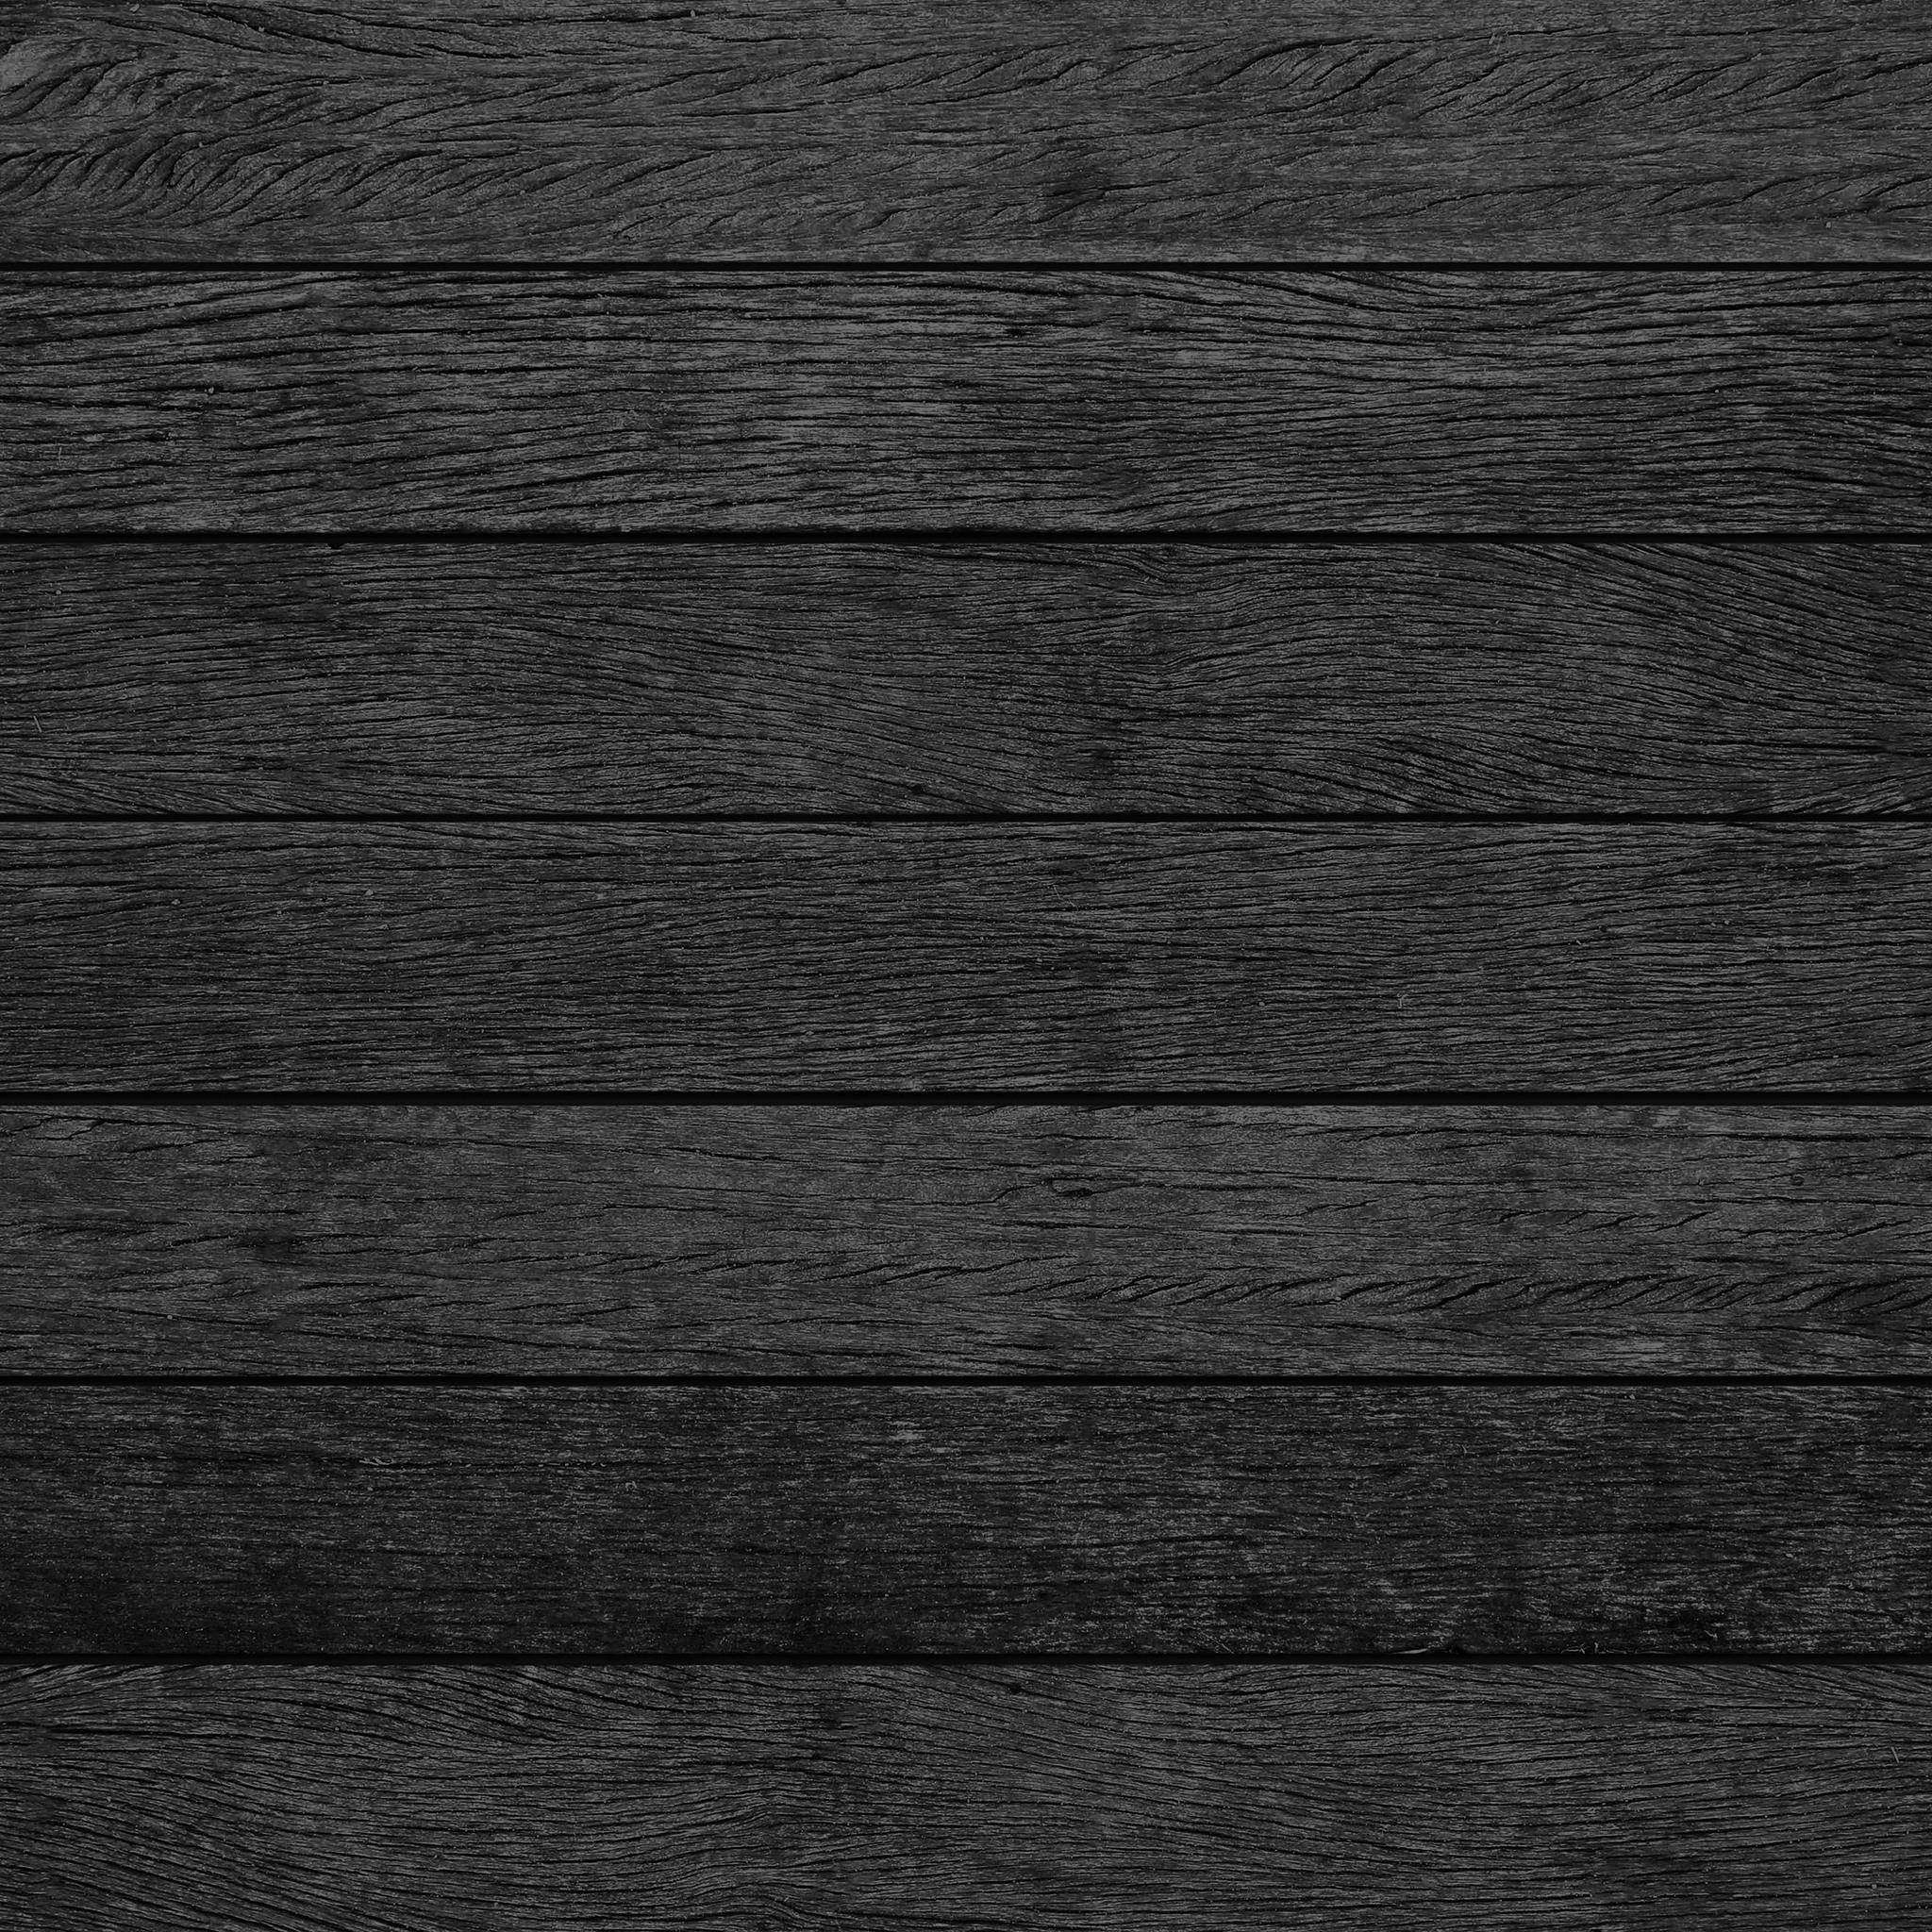 abstract-dark-wood-lo.jpg